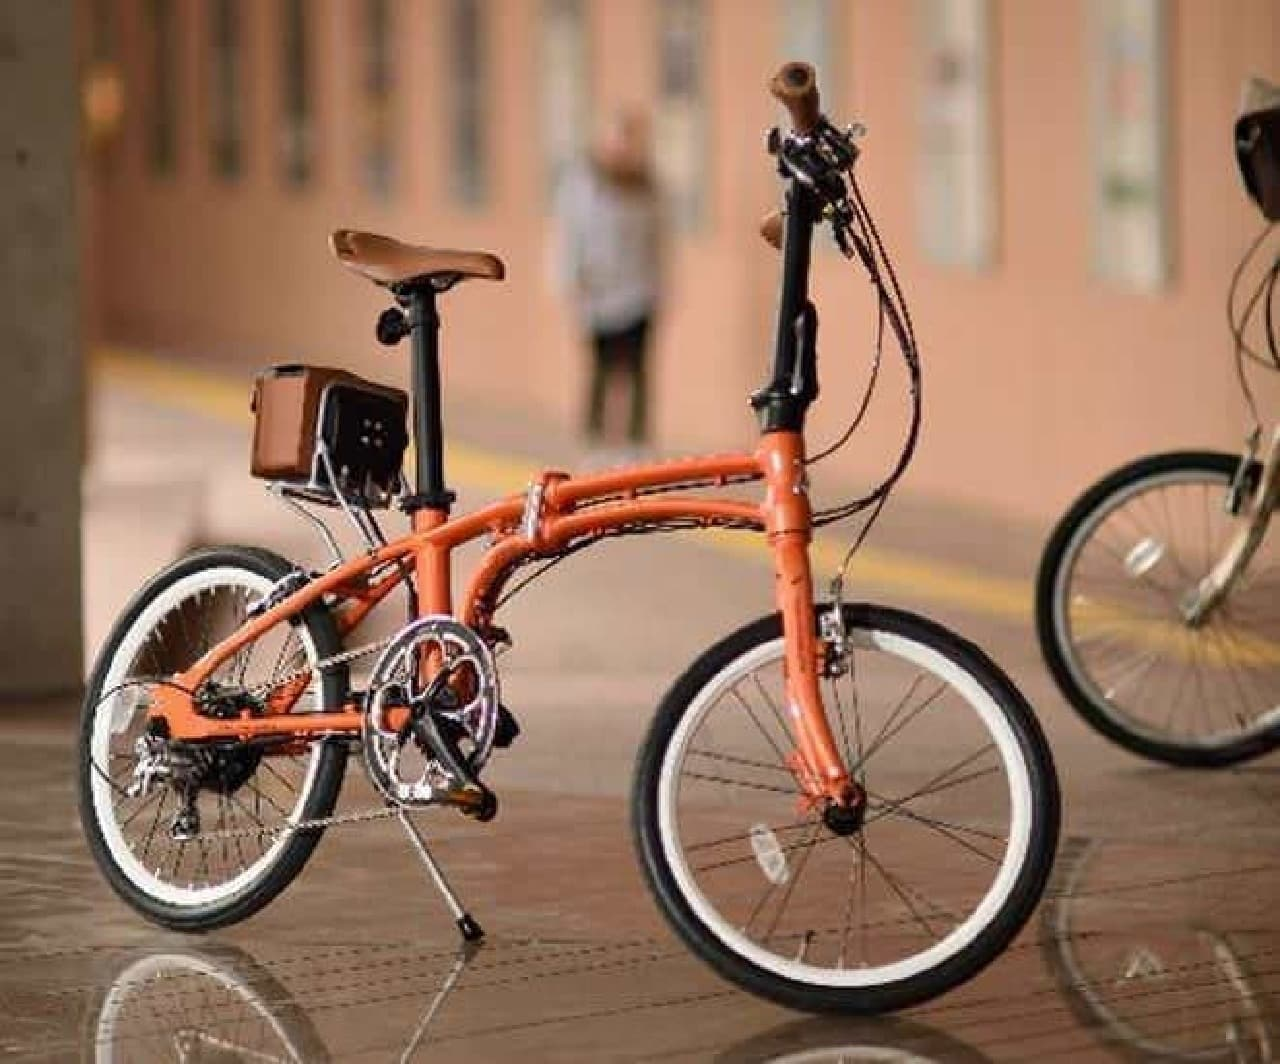 「DE01」シリーズのコンセプトは、「アシストに見えないアシスト自転車」